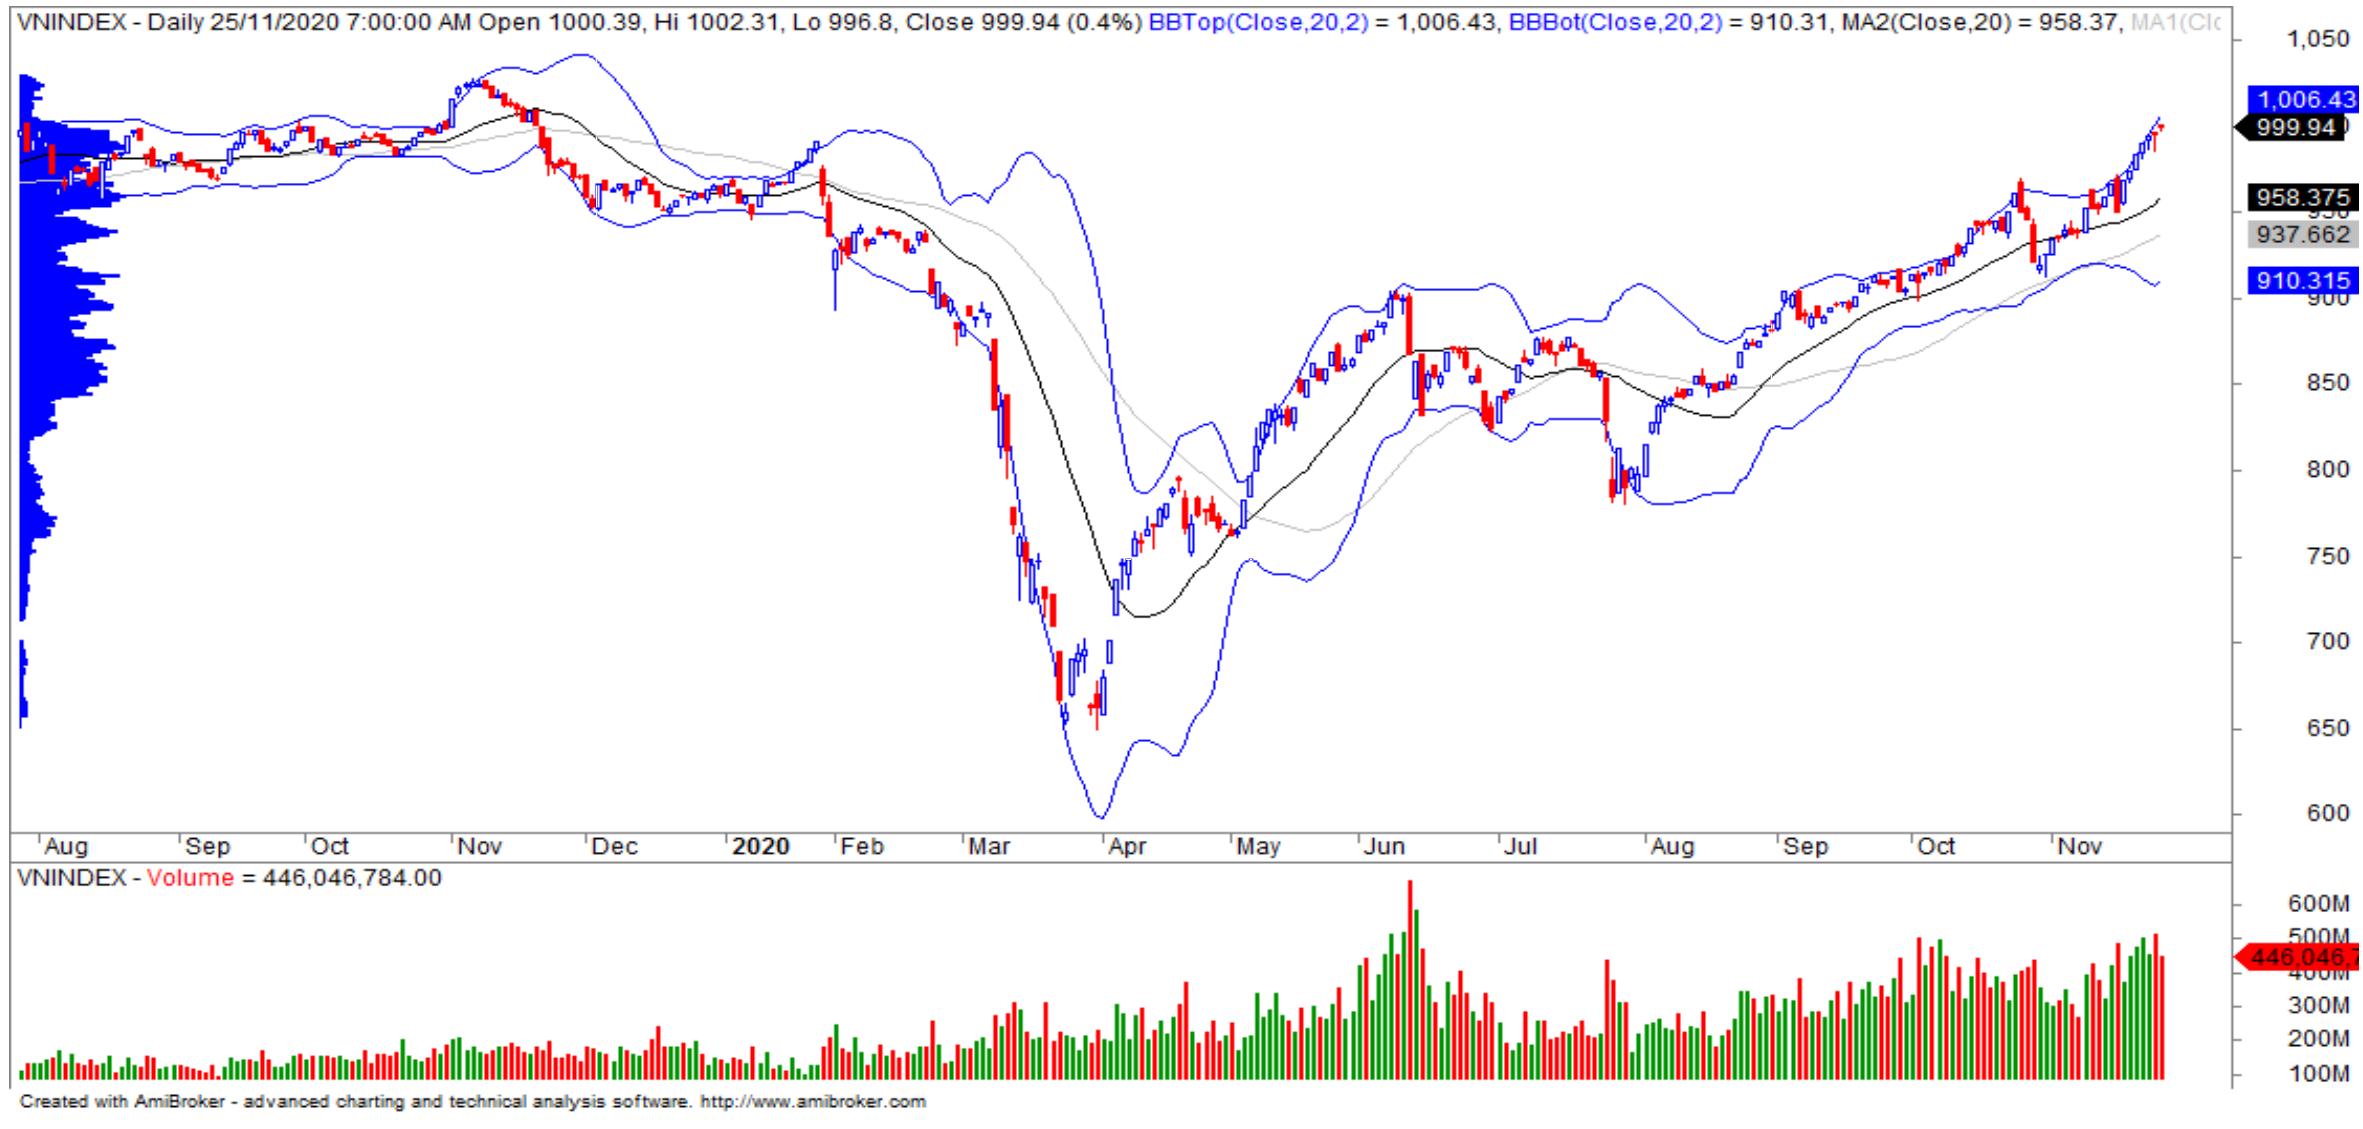 Nhận định thị trường chứng khoán ngày 26/11: Tiếp tục giằng co dưới ngưỡng 1.000 điểm? - Ảnh 1.